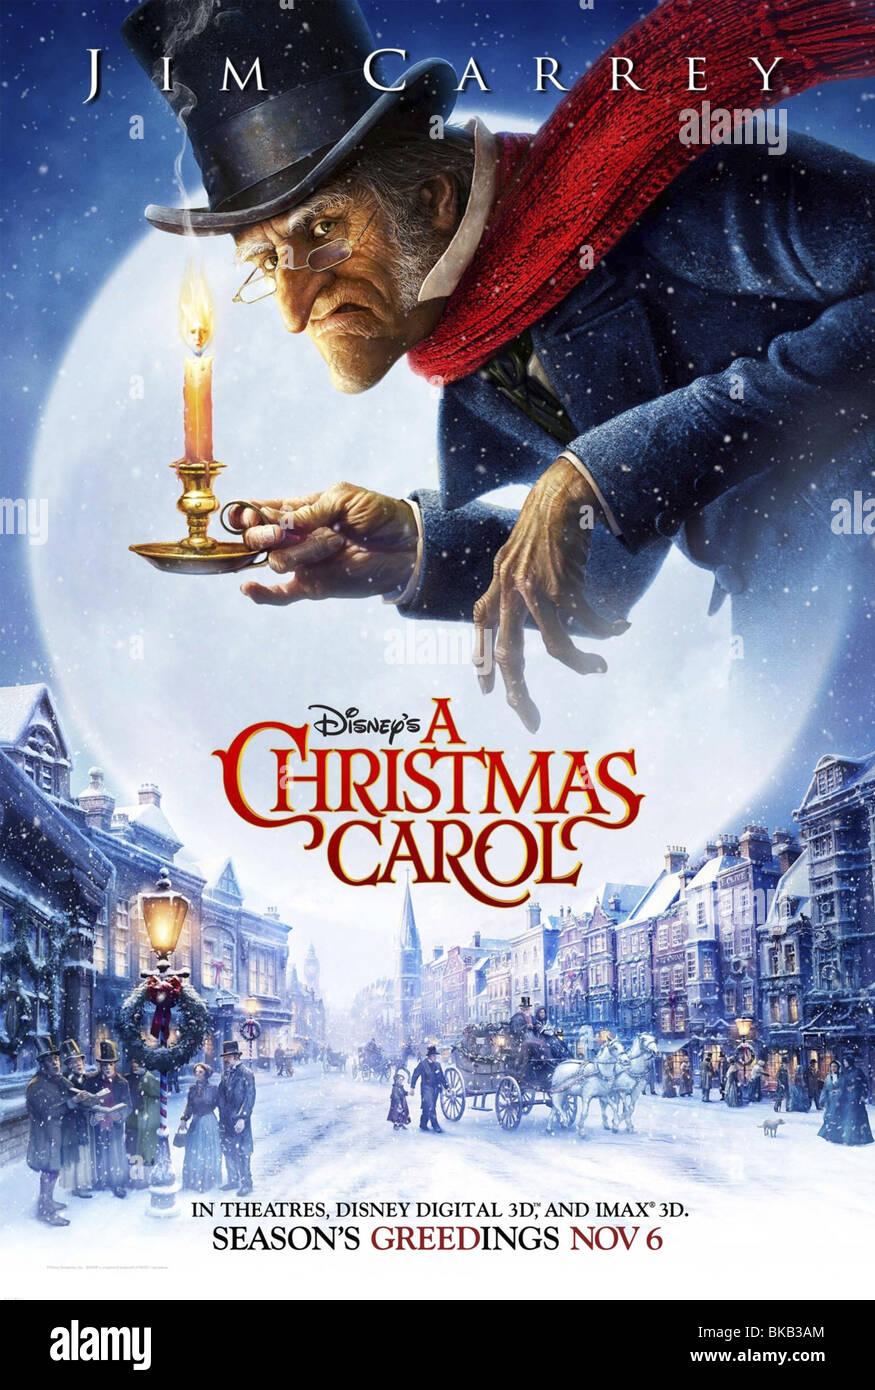 Disneys A Christmas Carol Year 2009 Director Robert Zemeckis Animation Movie Poster USA Based Upon Charles Dickens